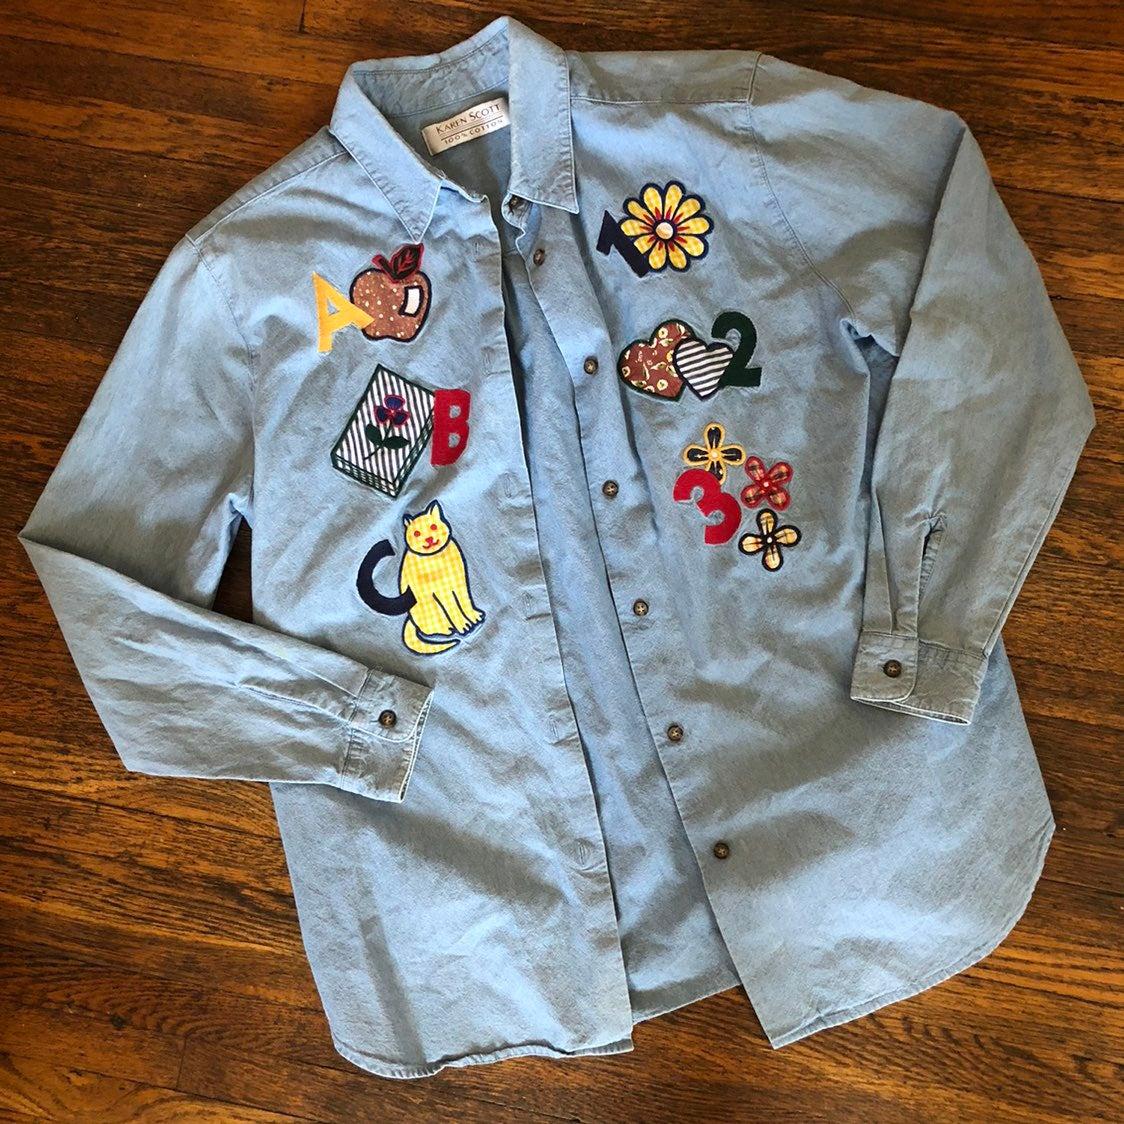 Vtg Karen Scott Embroidered Denim Shirt